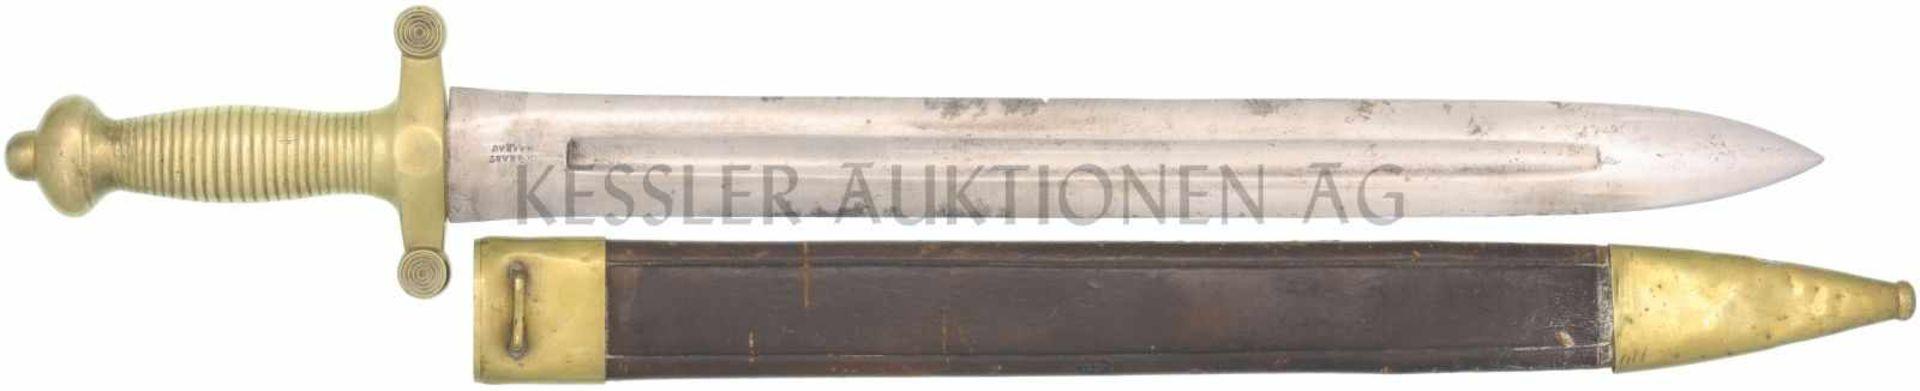 Faschinenmesser Coup-choux, Artillerie 1831, A. Brast, Aarau KL 490mm, TL 640mm, zweischneidige